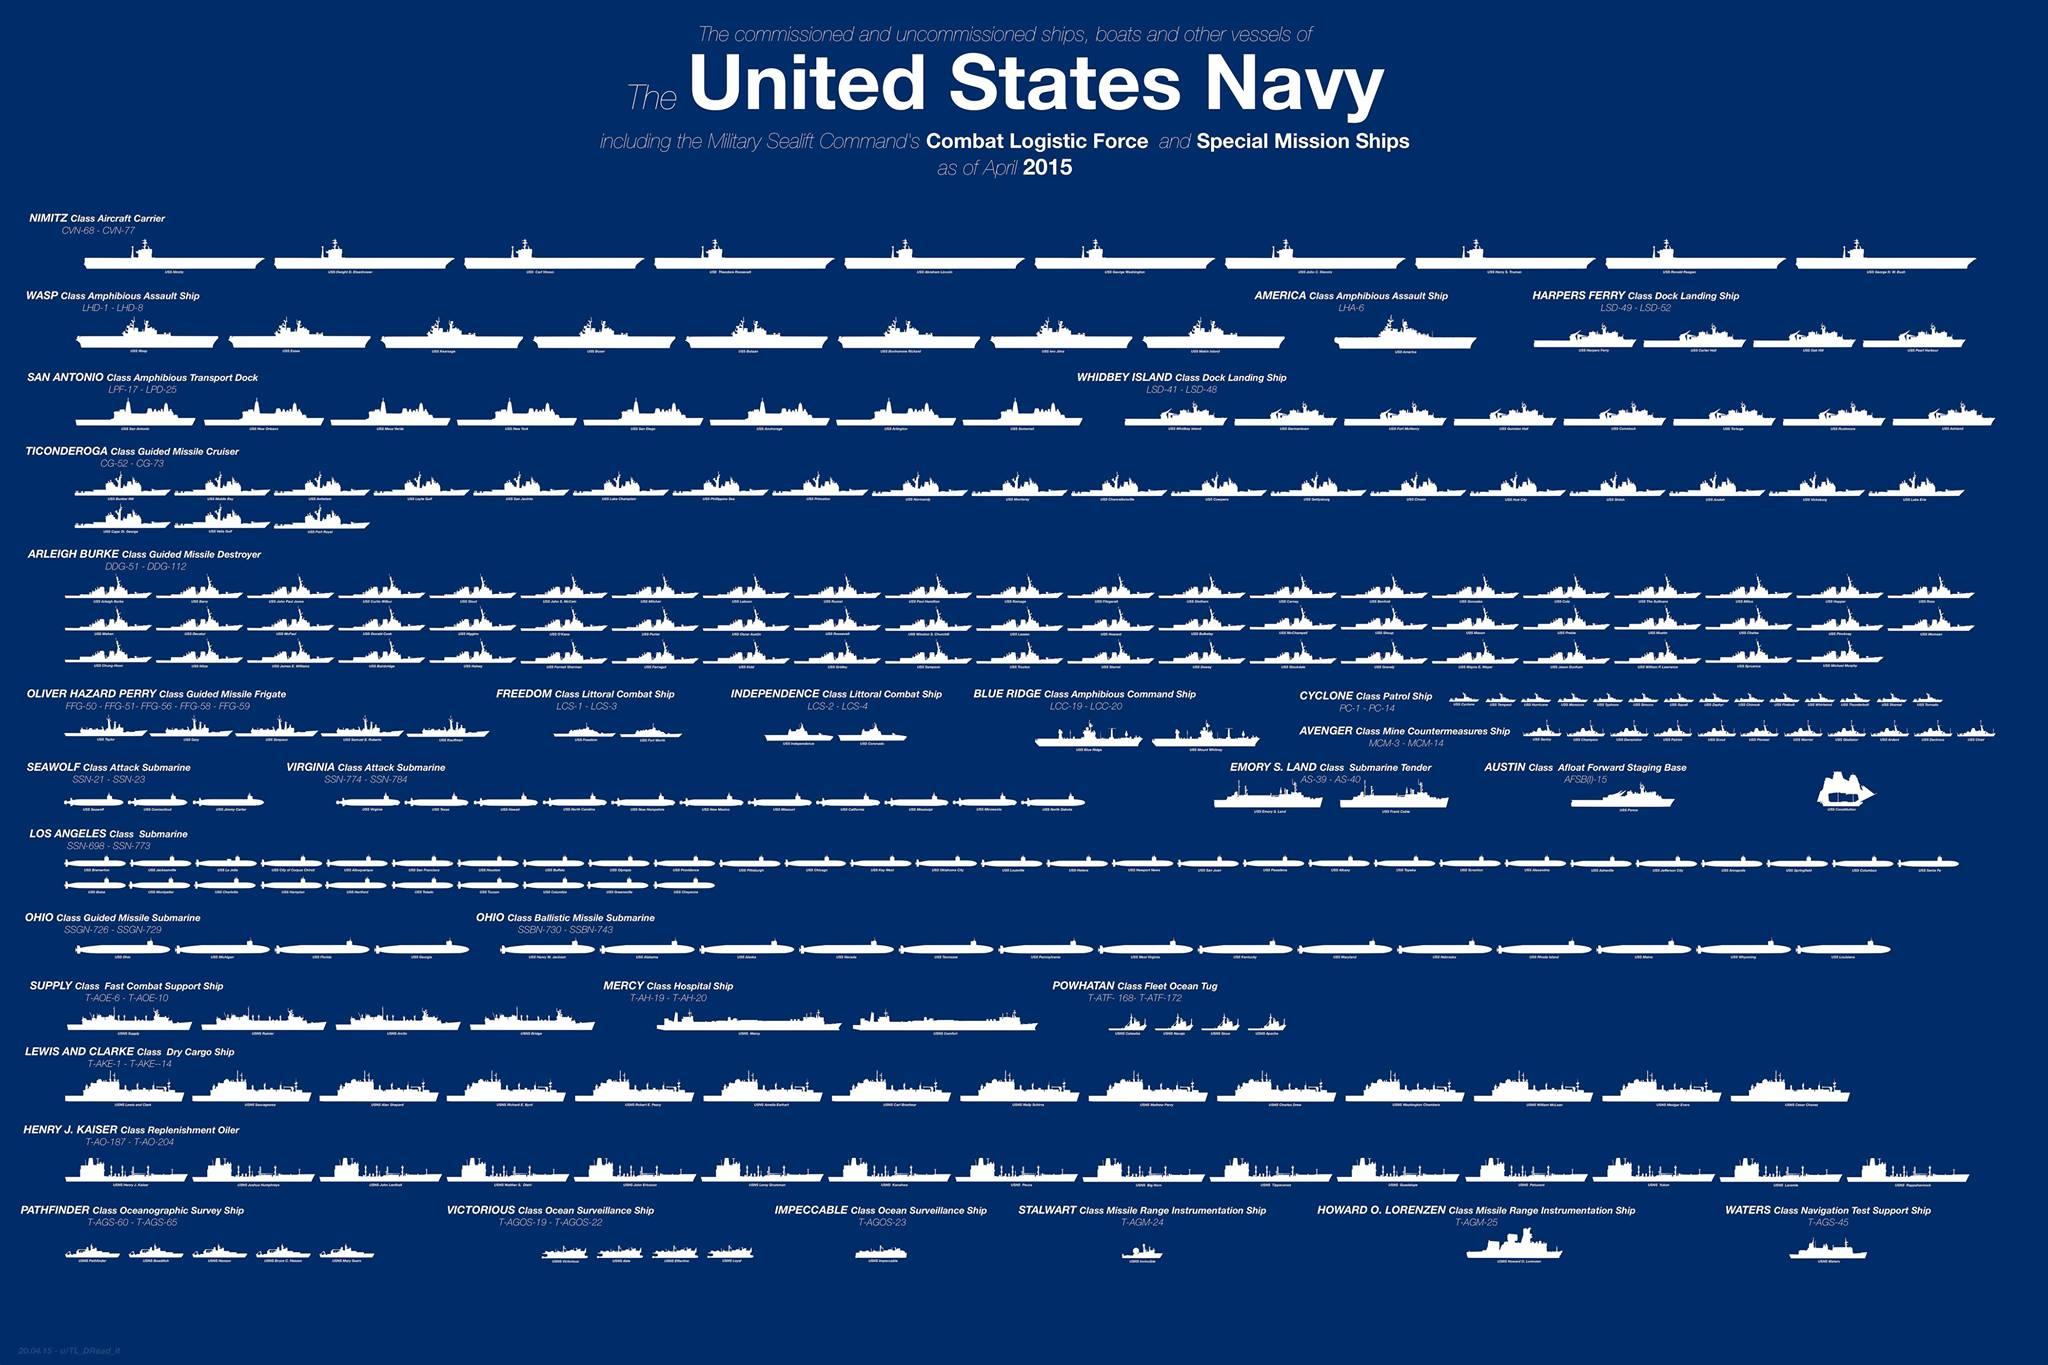 US Navy Fleet overview